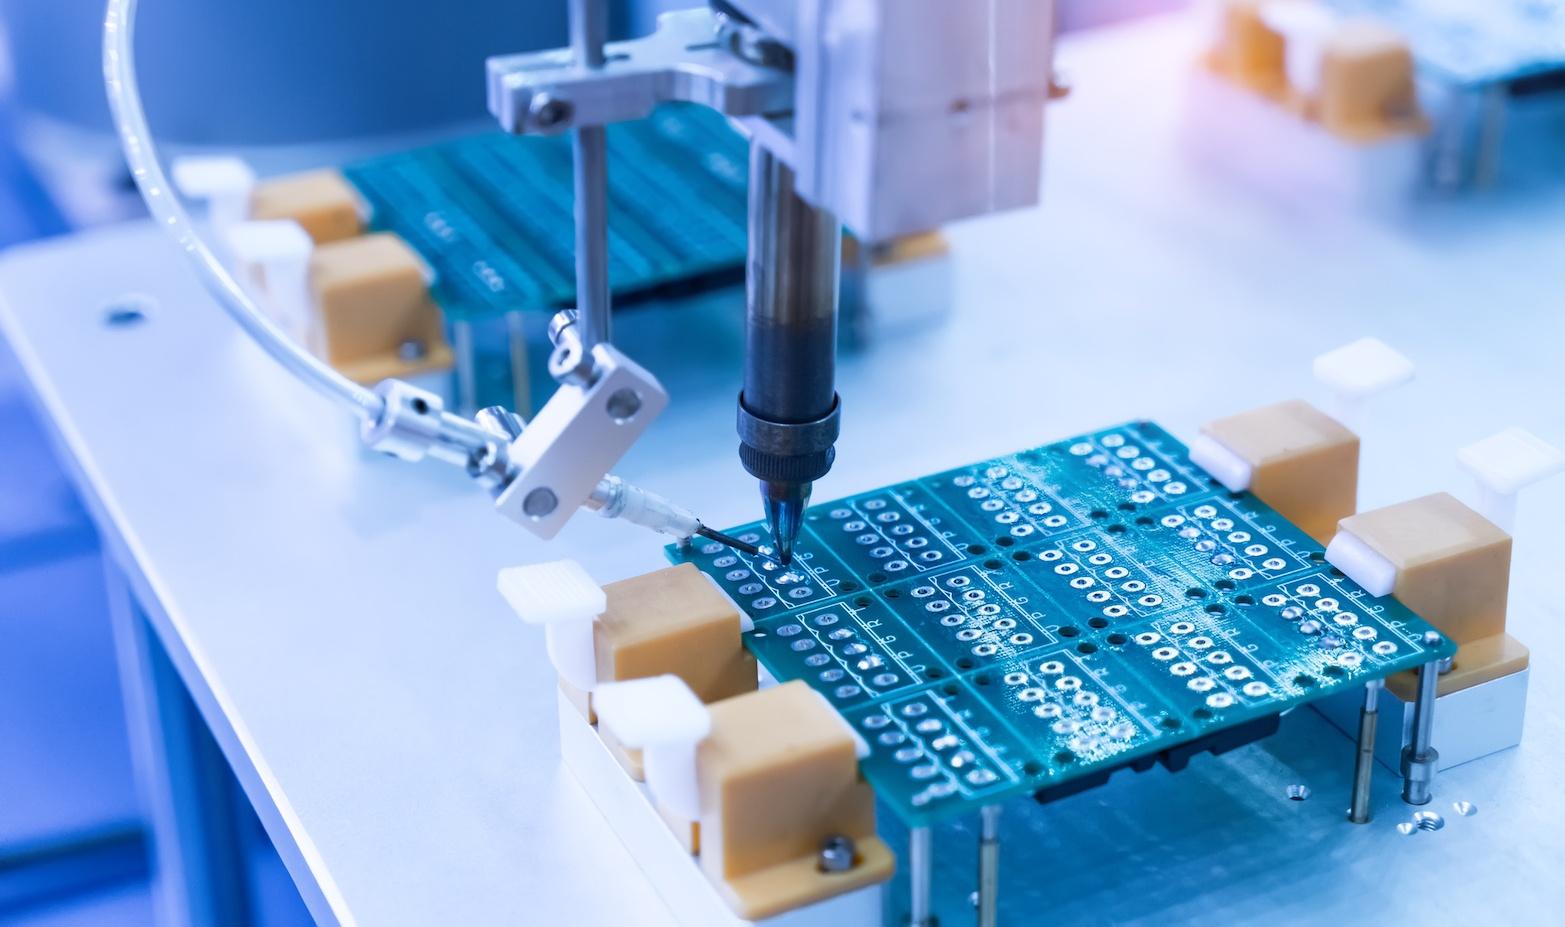 quali-circuiti-elettronici-realizzare-per-entrare-nella-quotidianita